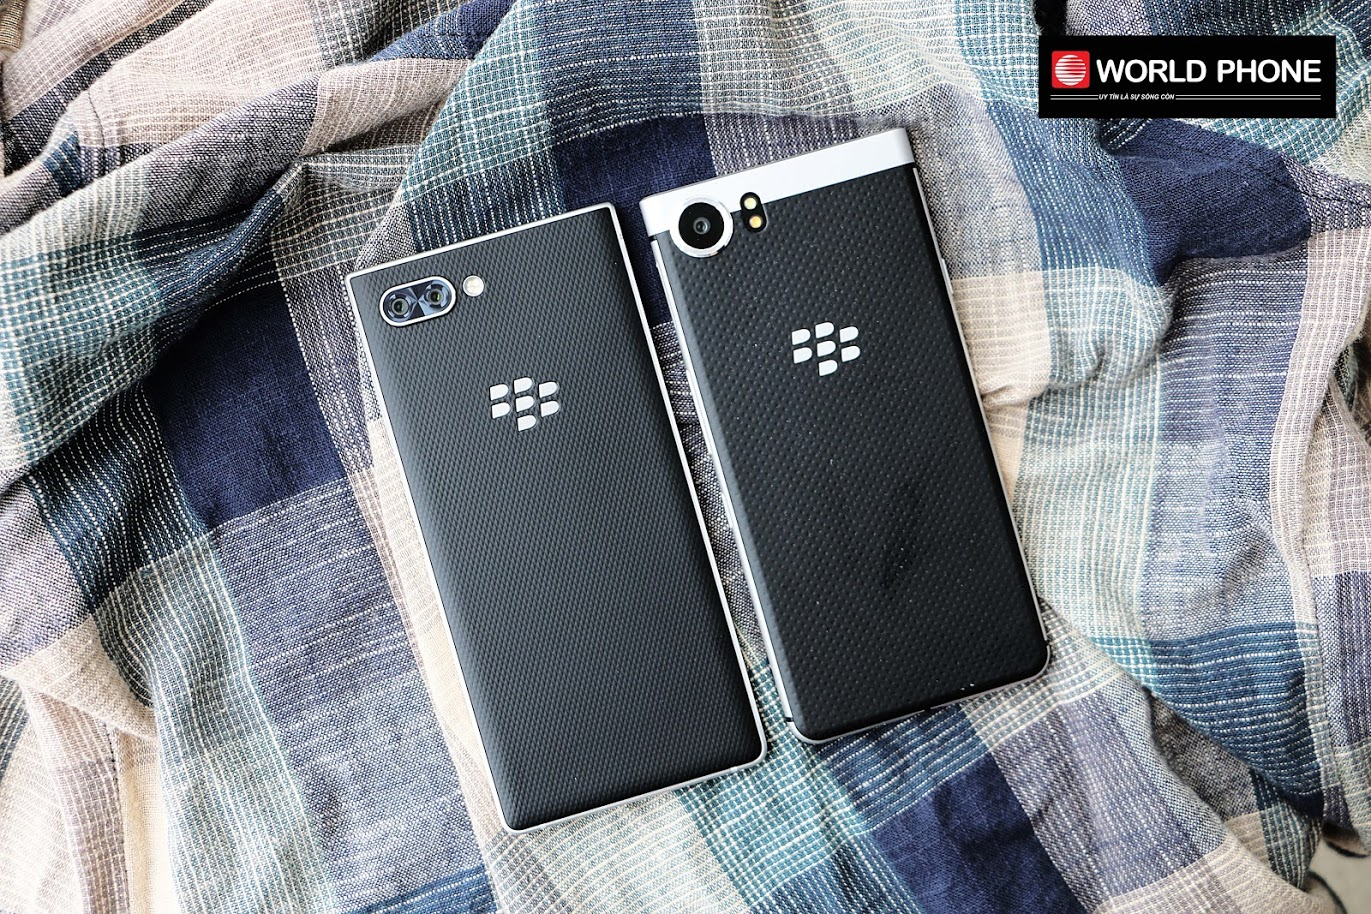 Blackberry KEY2 (trái) có đuuờng nét thiết kế sắc sảo hơn Blackberry KEYone (phải) tiền nhiệm